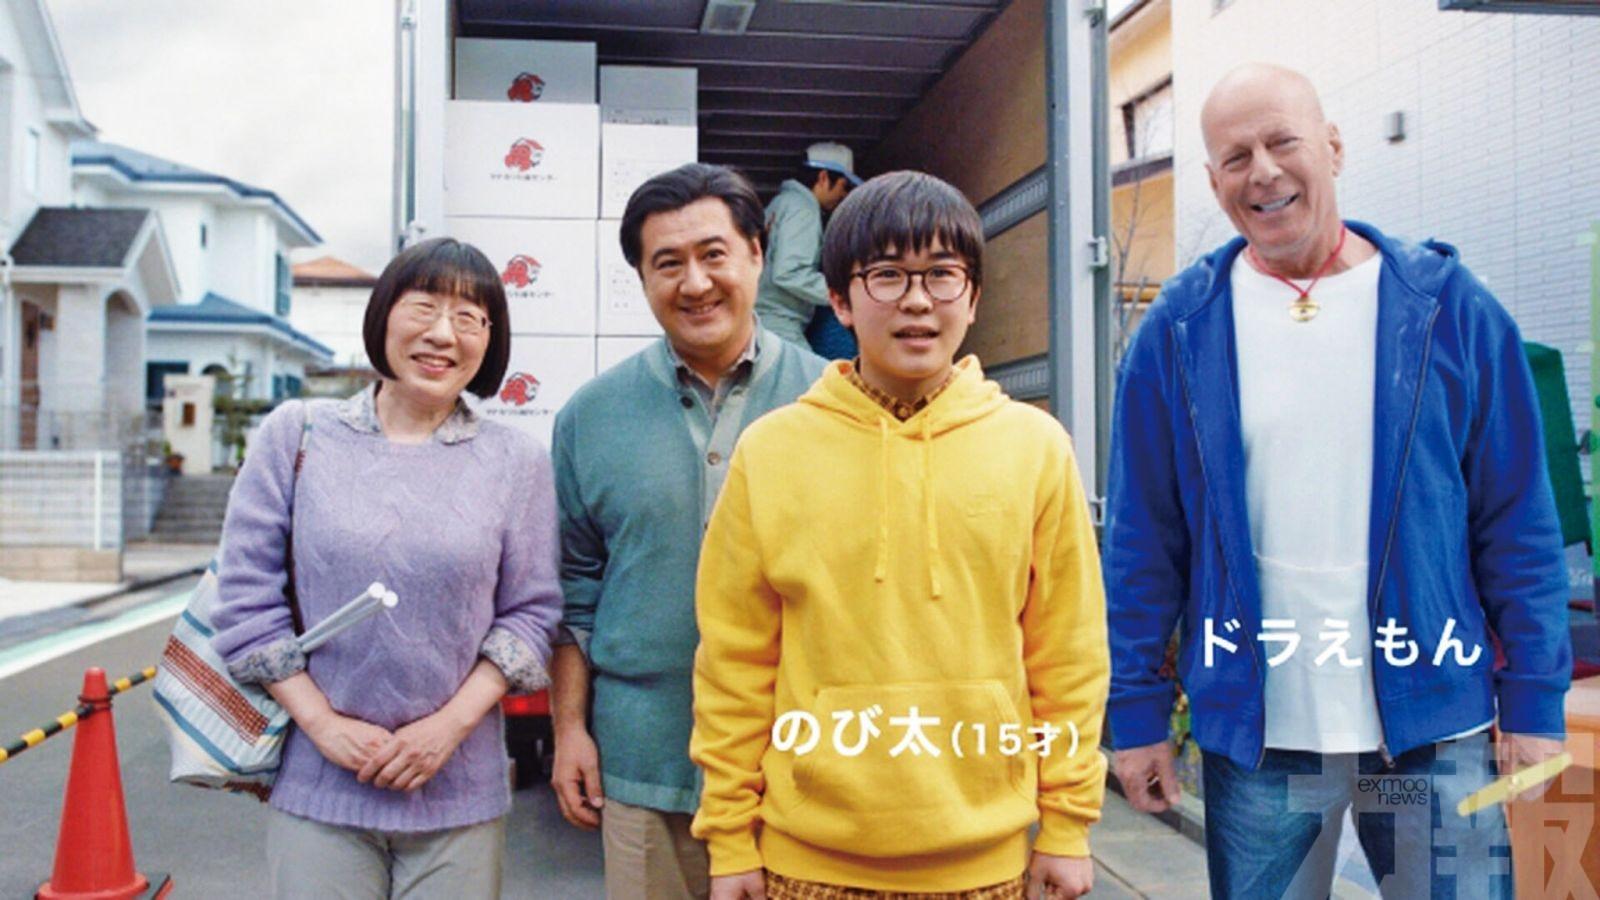 46歲堺雅人扮大雄搶鏡